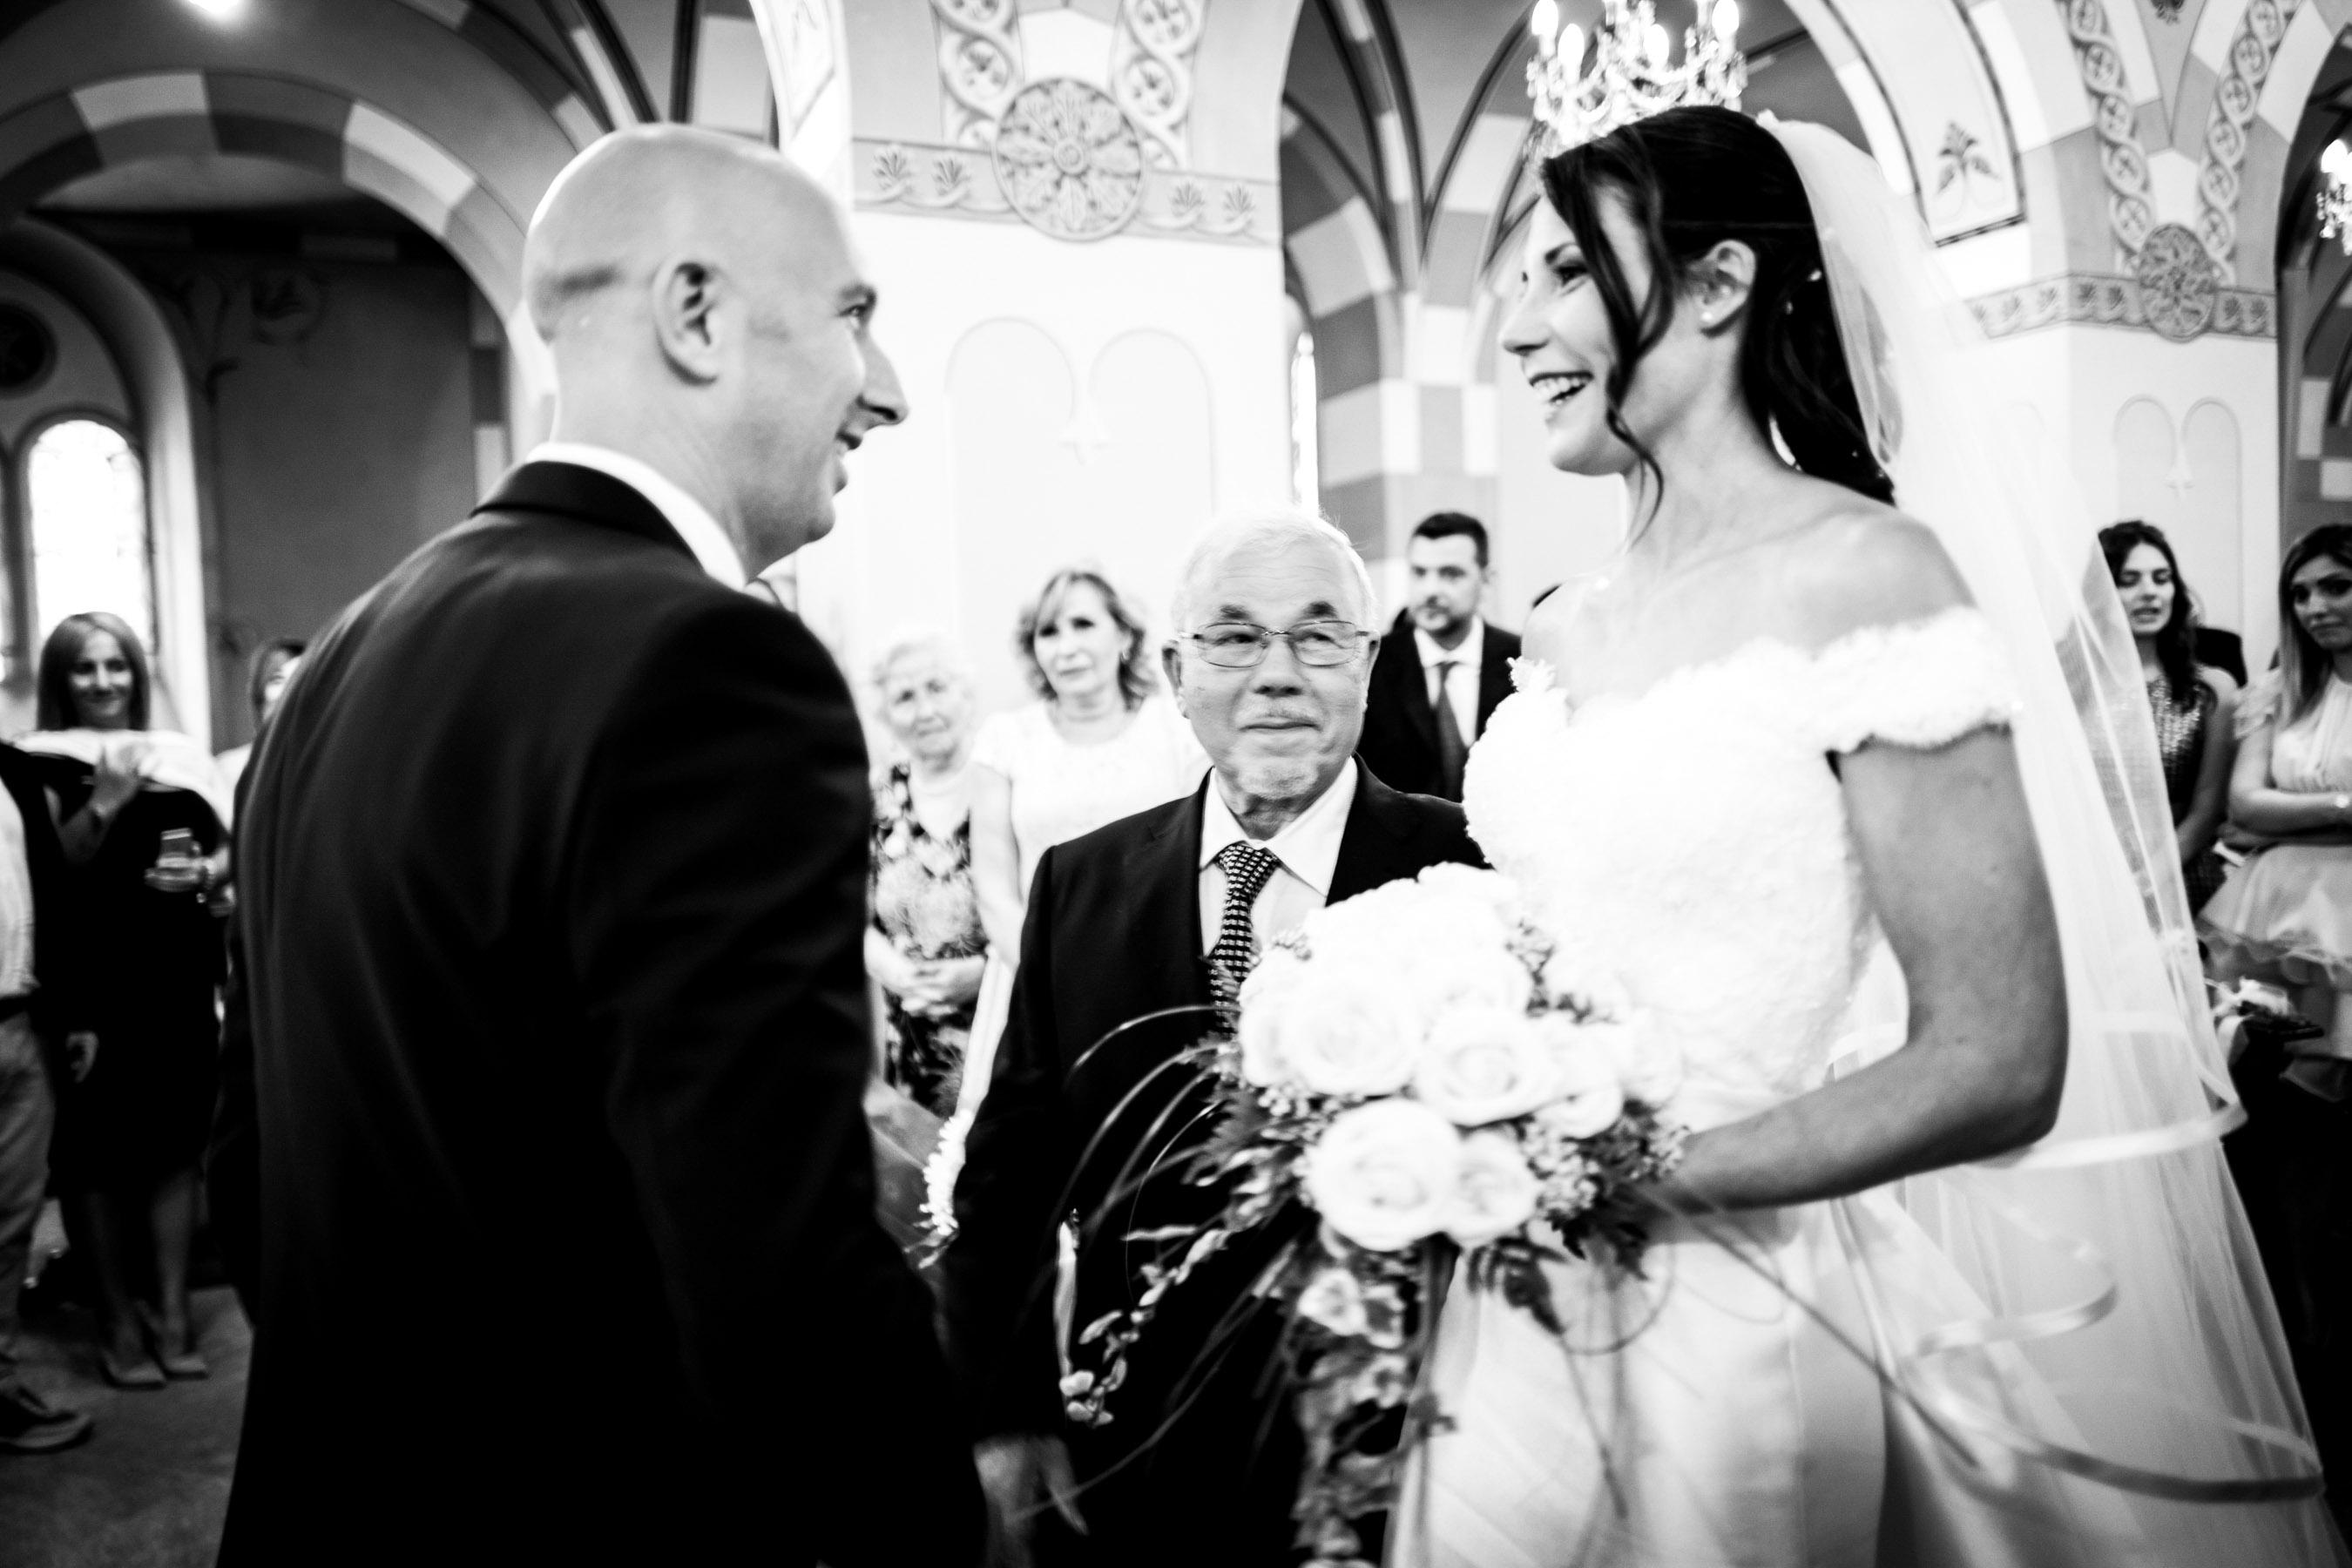 art foto_torino_monica sica photography_la vià _cavour_ fotografo matrimonio_torino-25